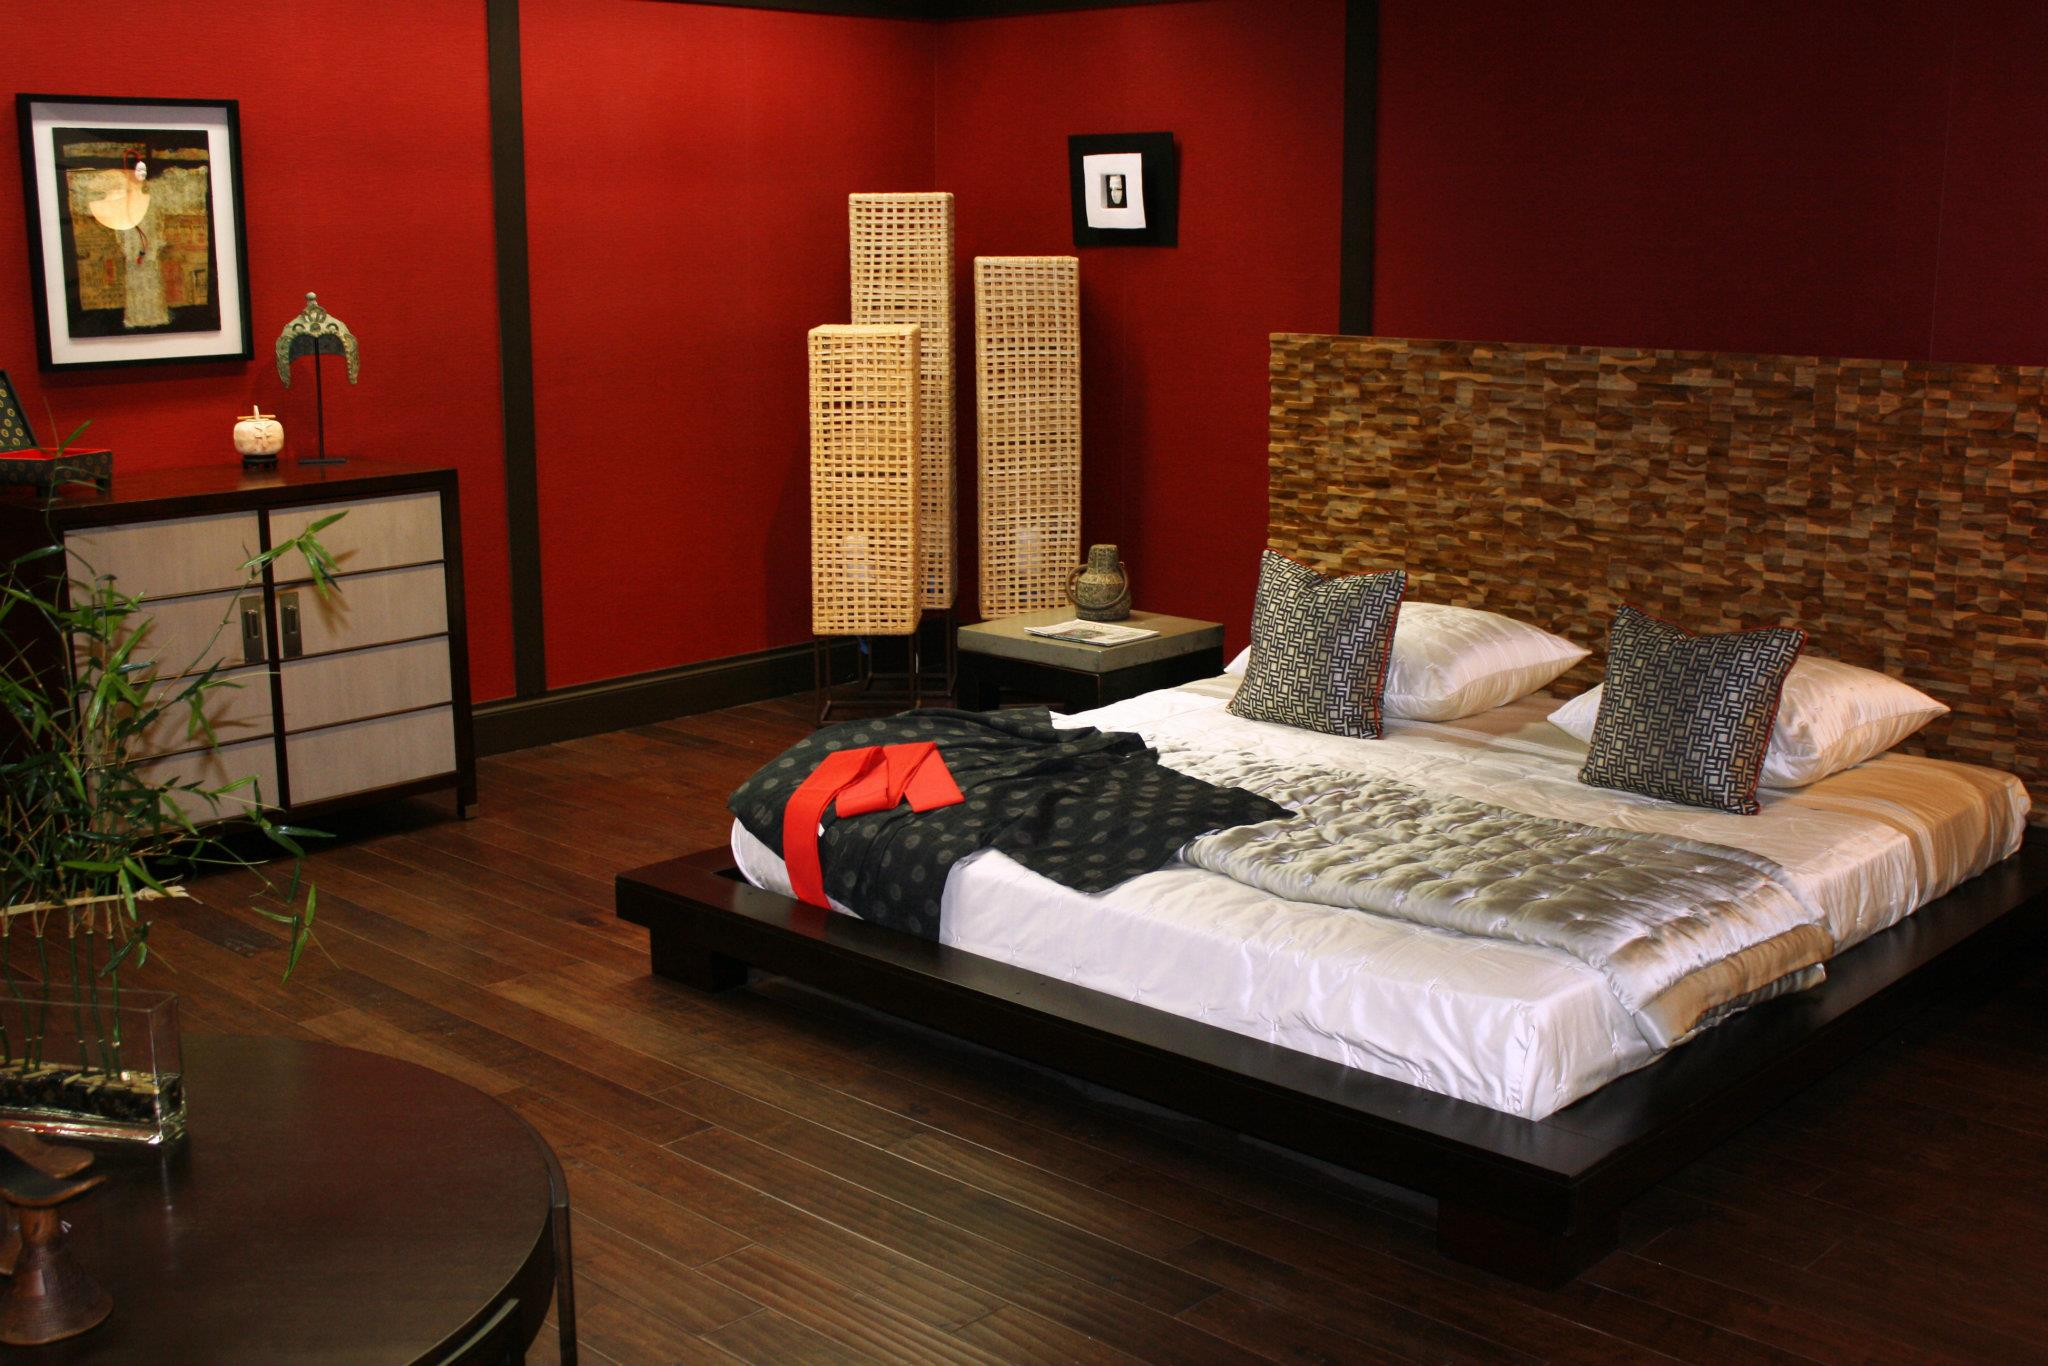 schlafzimmer rot - 50 schlafzimmer inspirationen in rot - freshouse, Schlafzimmer entwurf